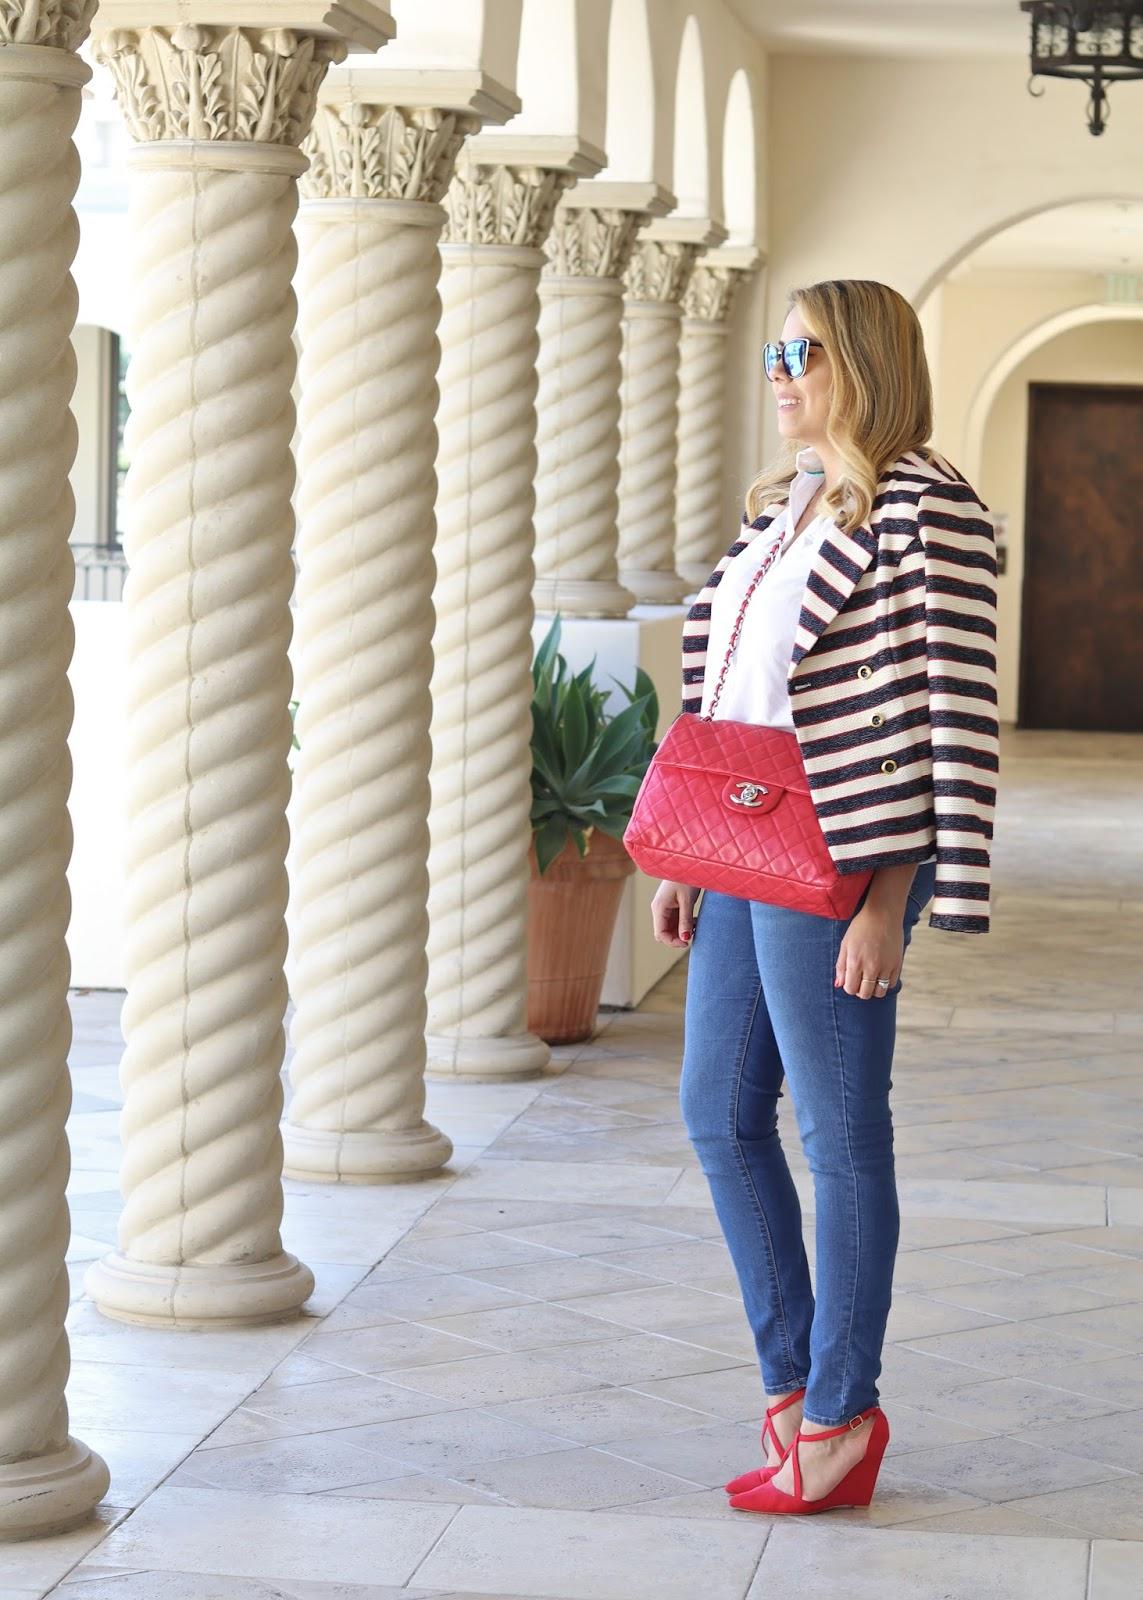 san diego fashion bloggers, san diego style blogger, best of san diego bloggers, latina fashion blogger